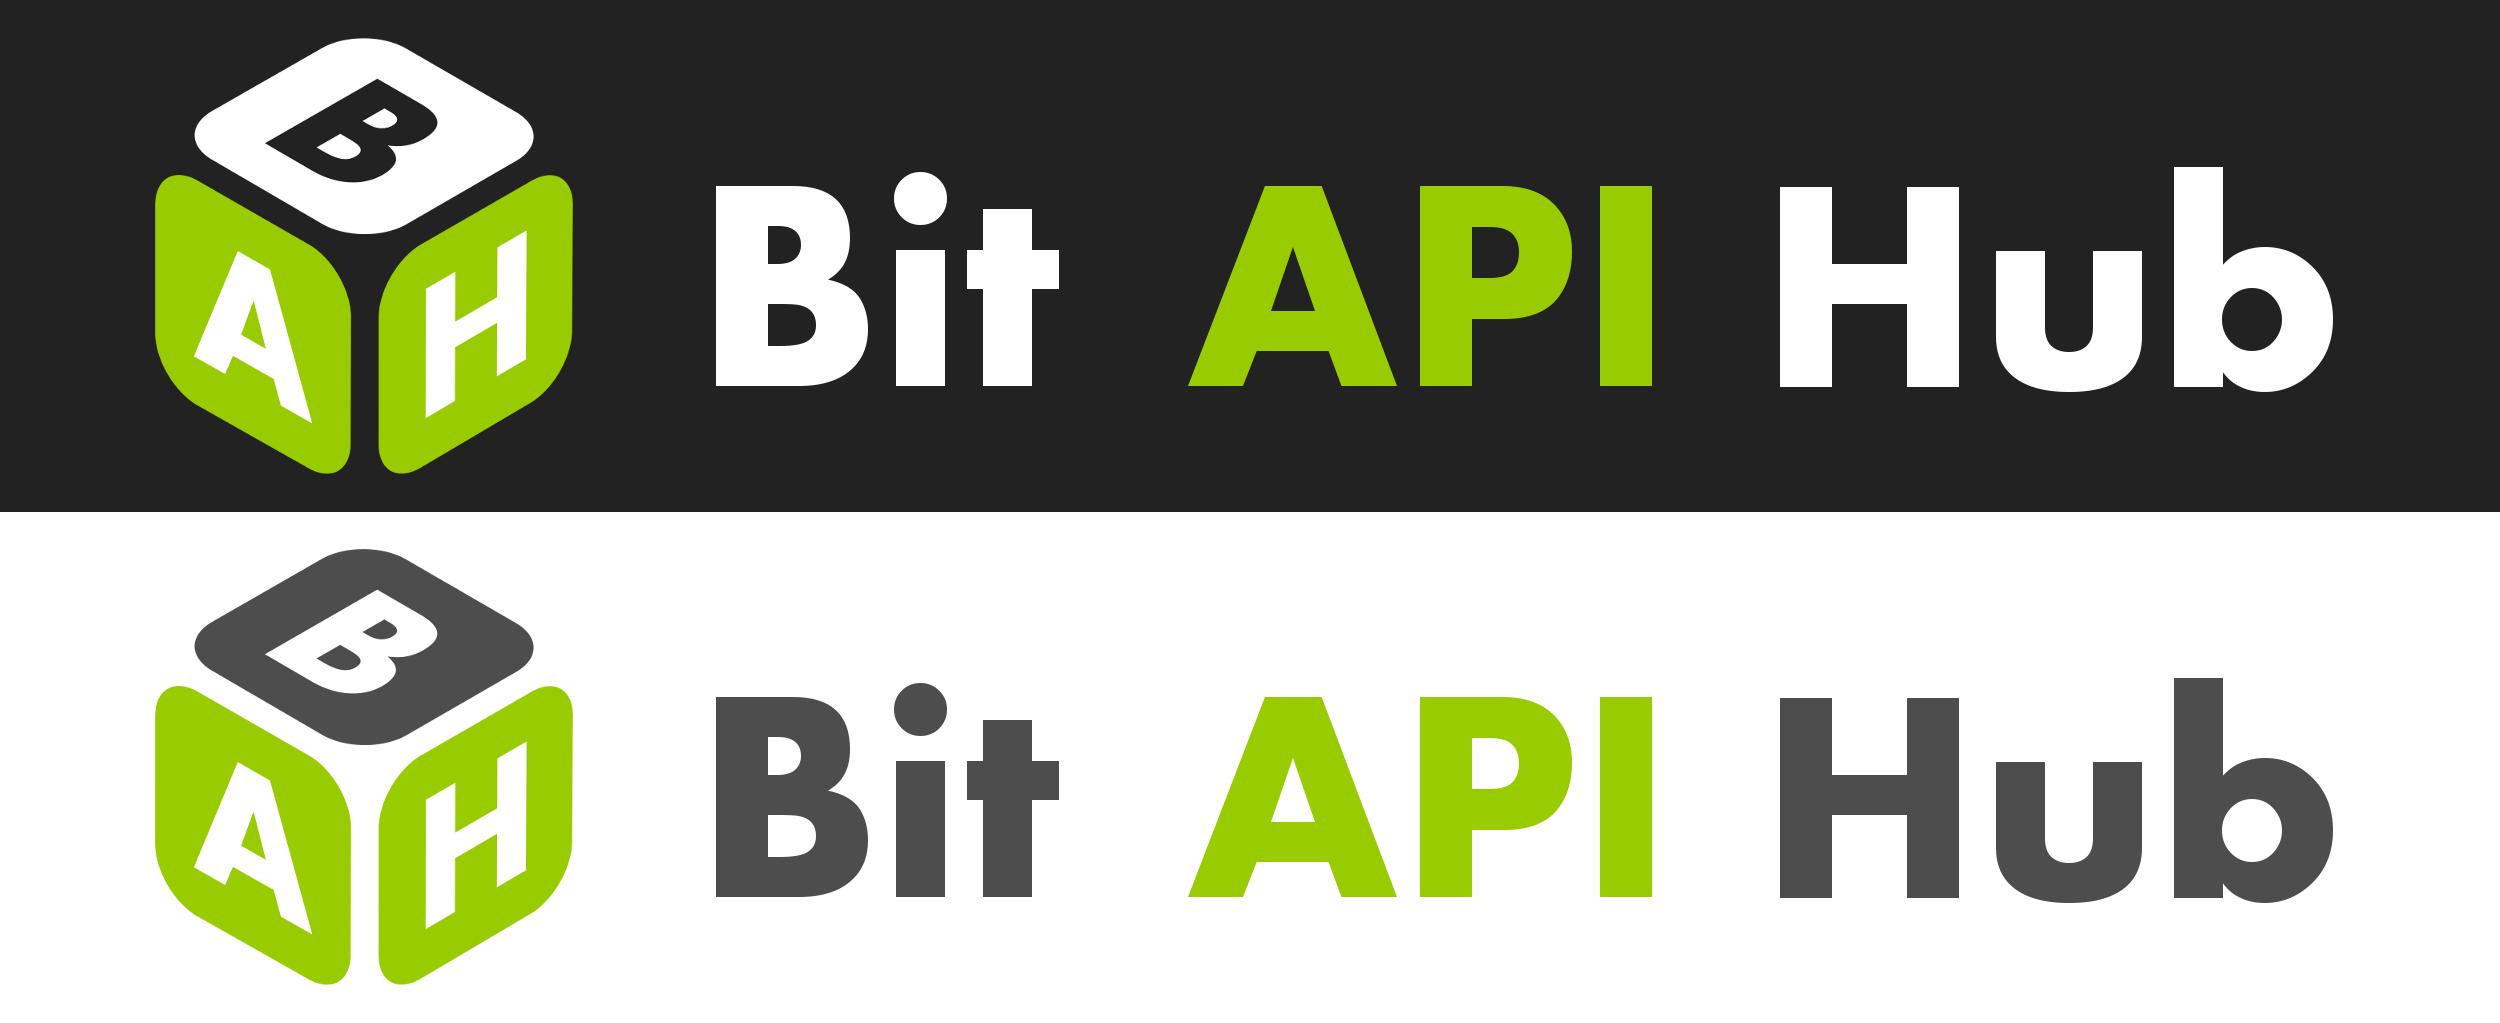 Bit API Hub logo